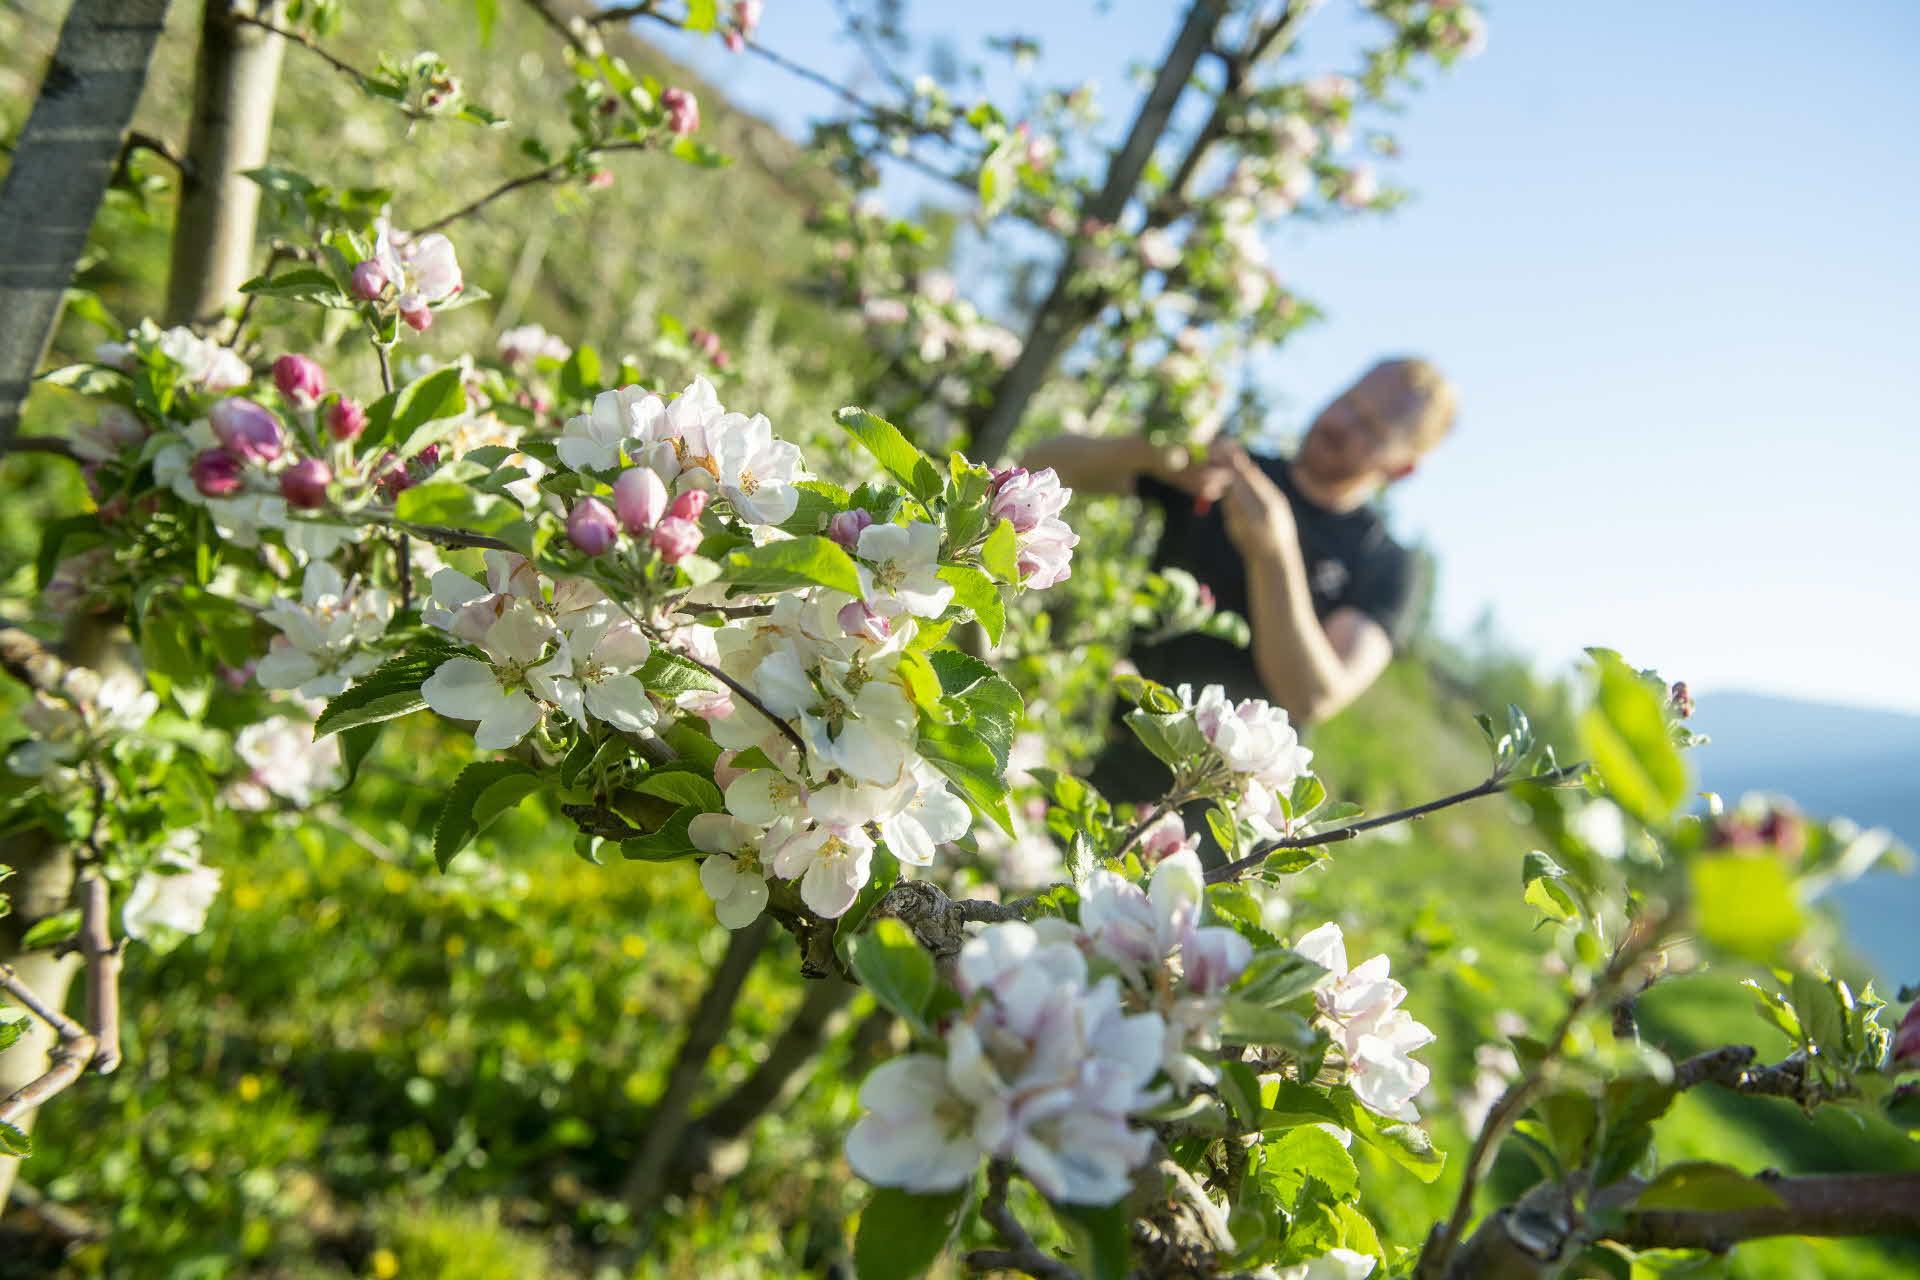 Eple gårdbruker i Hardanger beskjærer epletrær i blomstringen